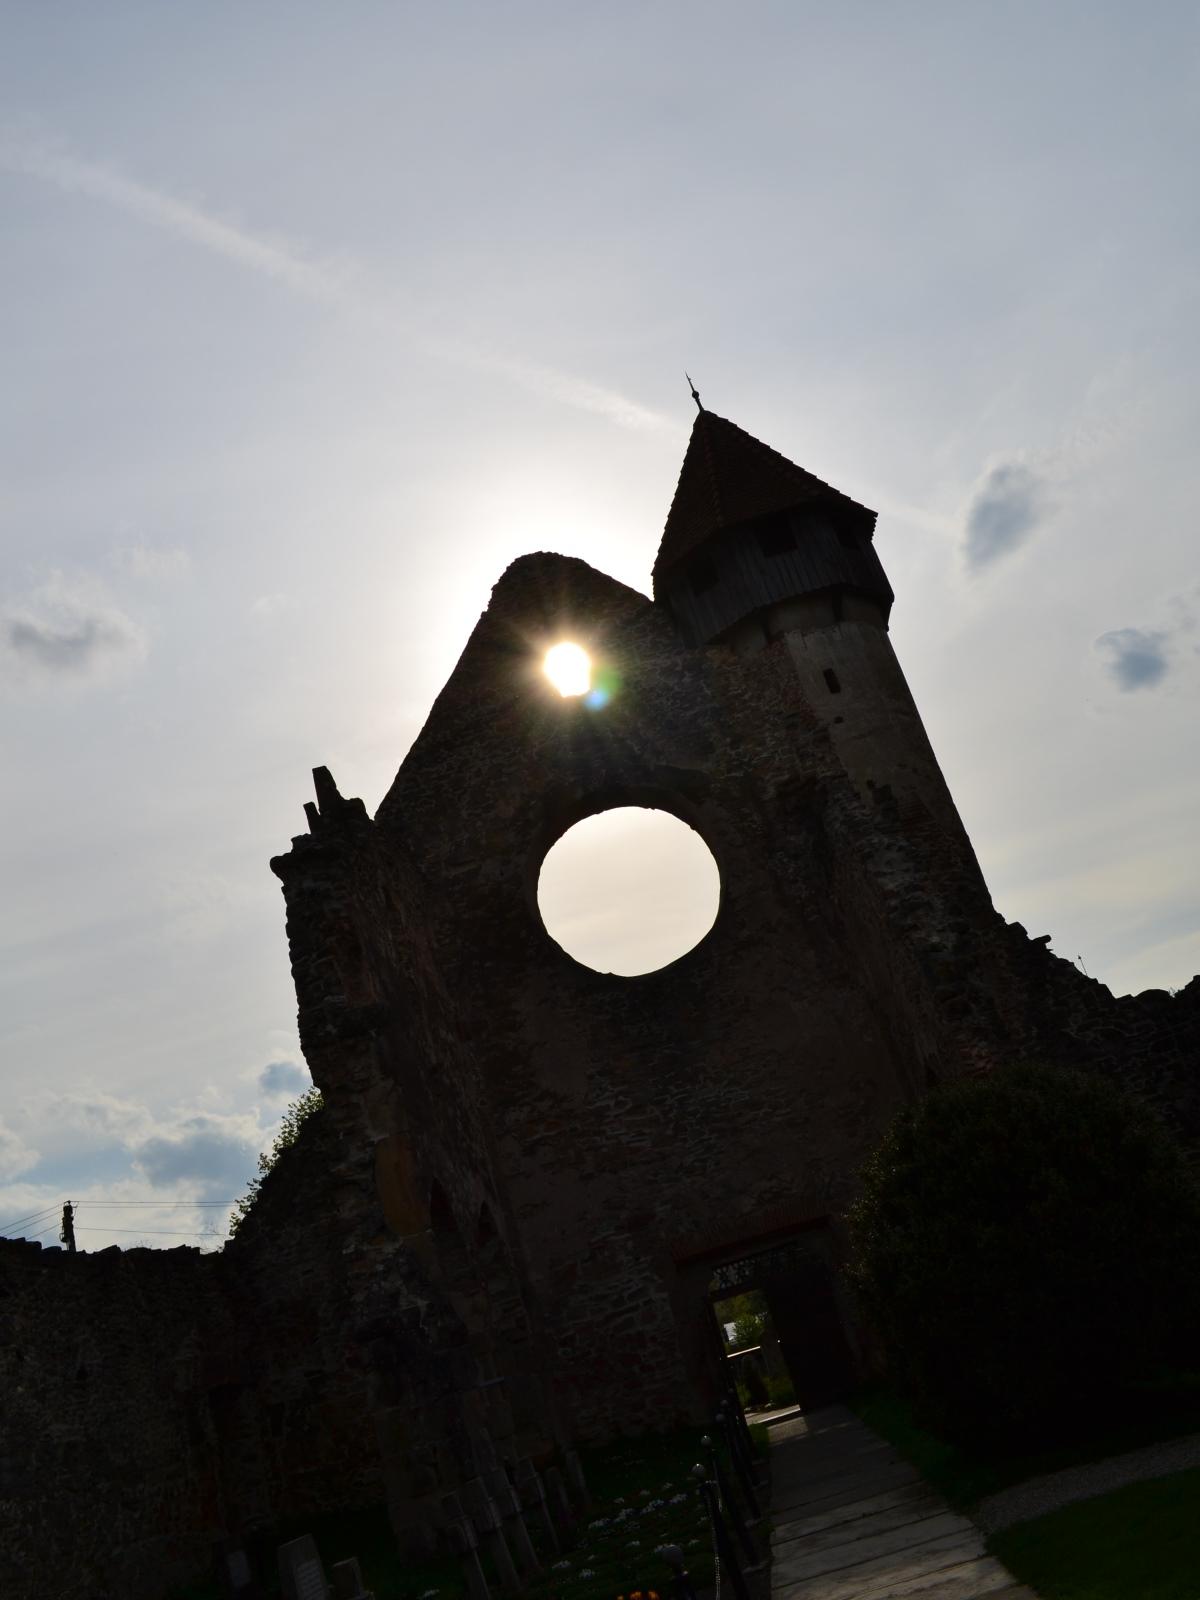 Mănăstirea Cârța 6 - Mănăstirea Cârța - singura ruină cisterciană din România